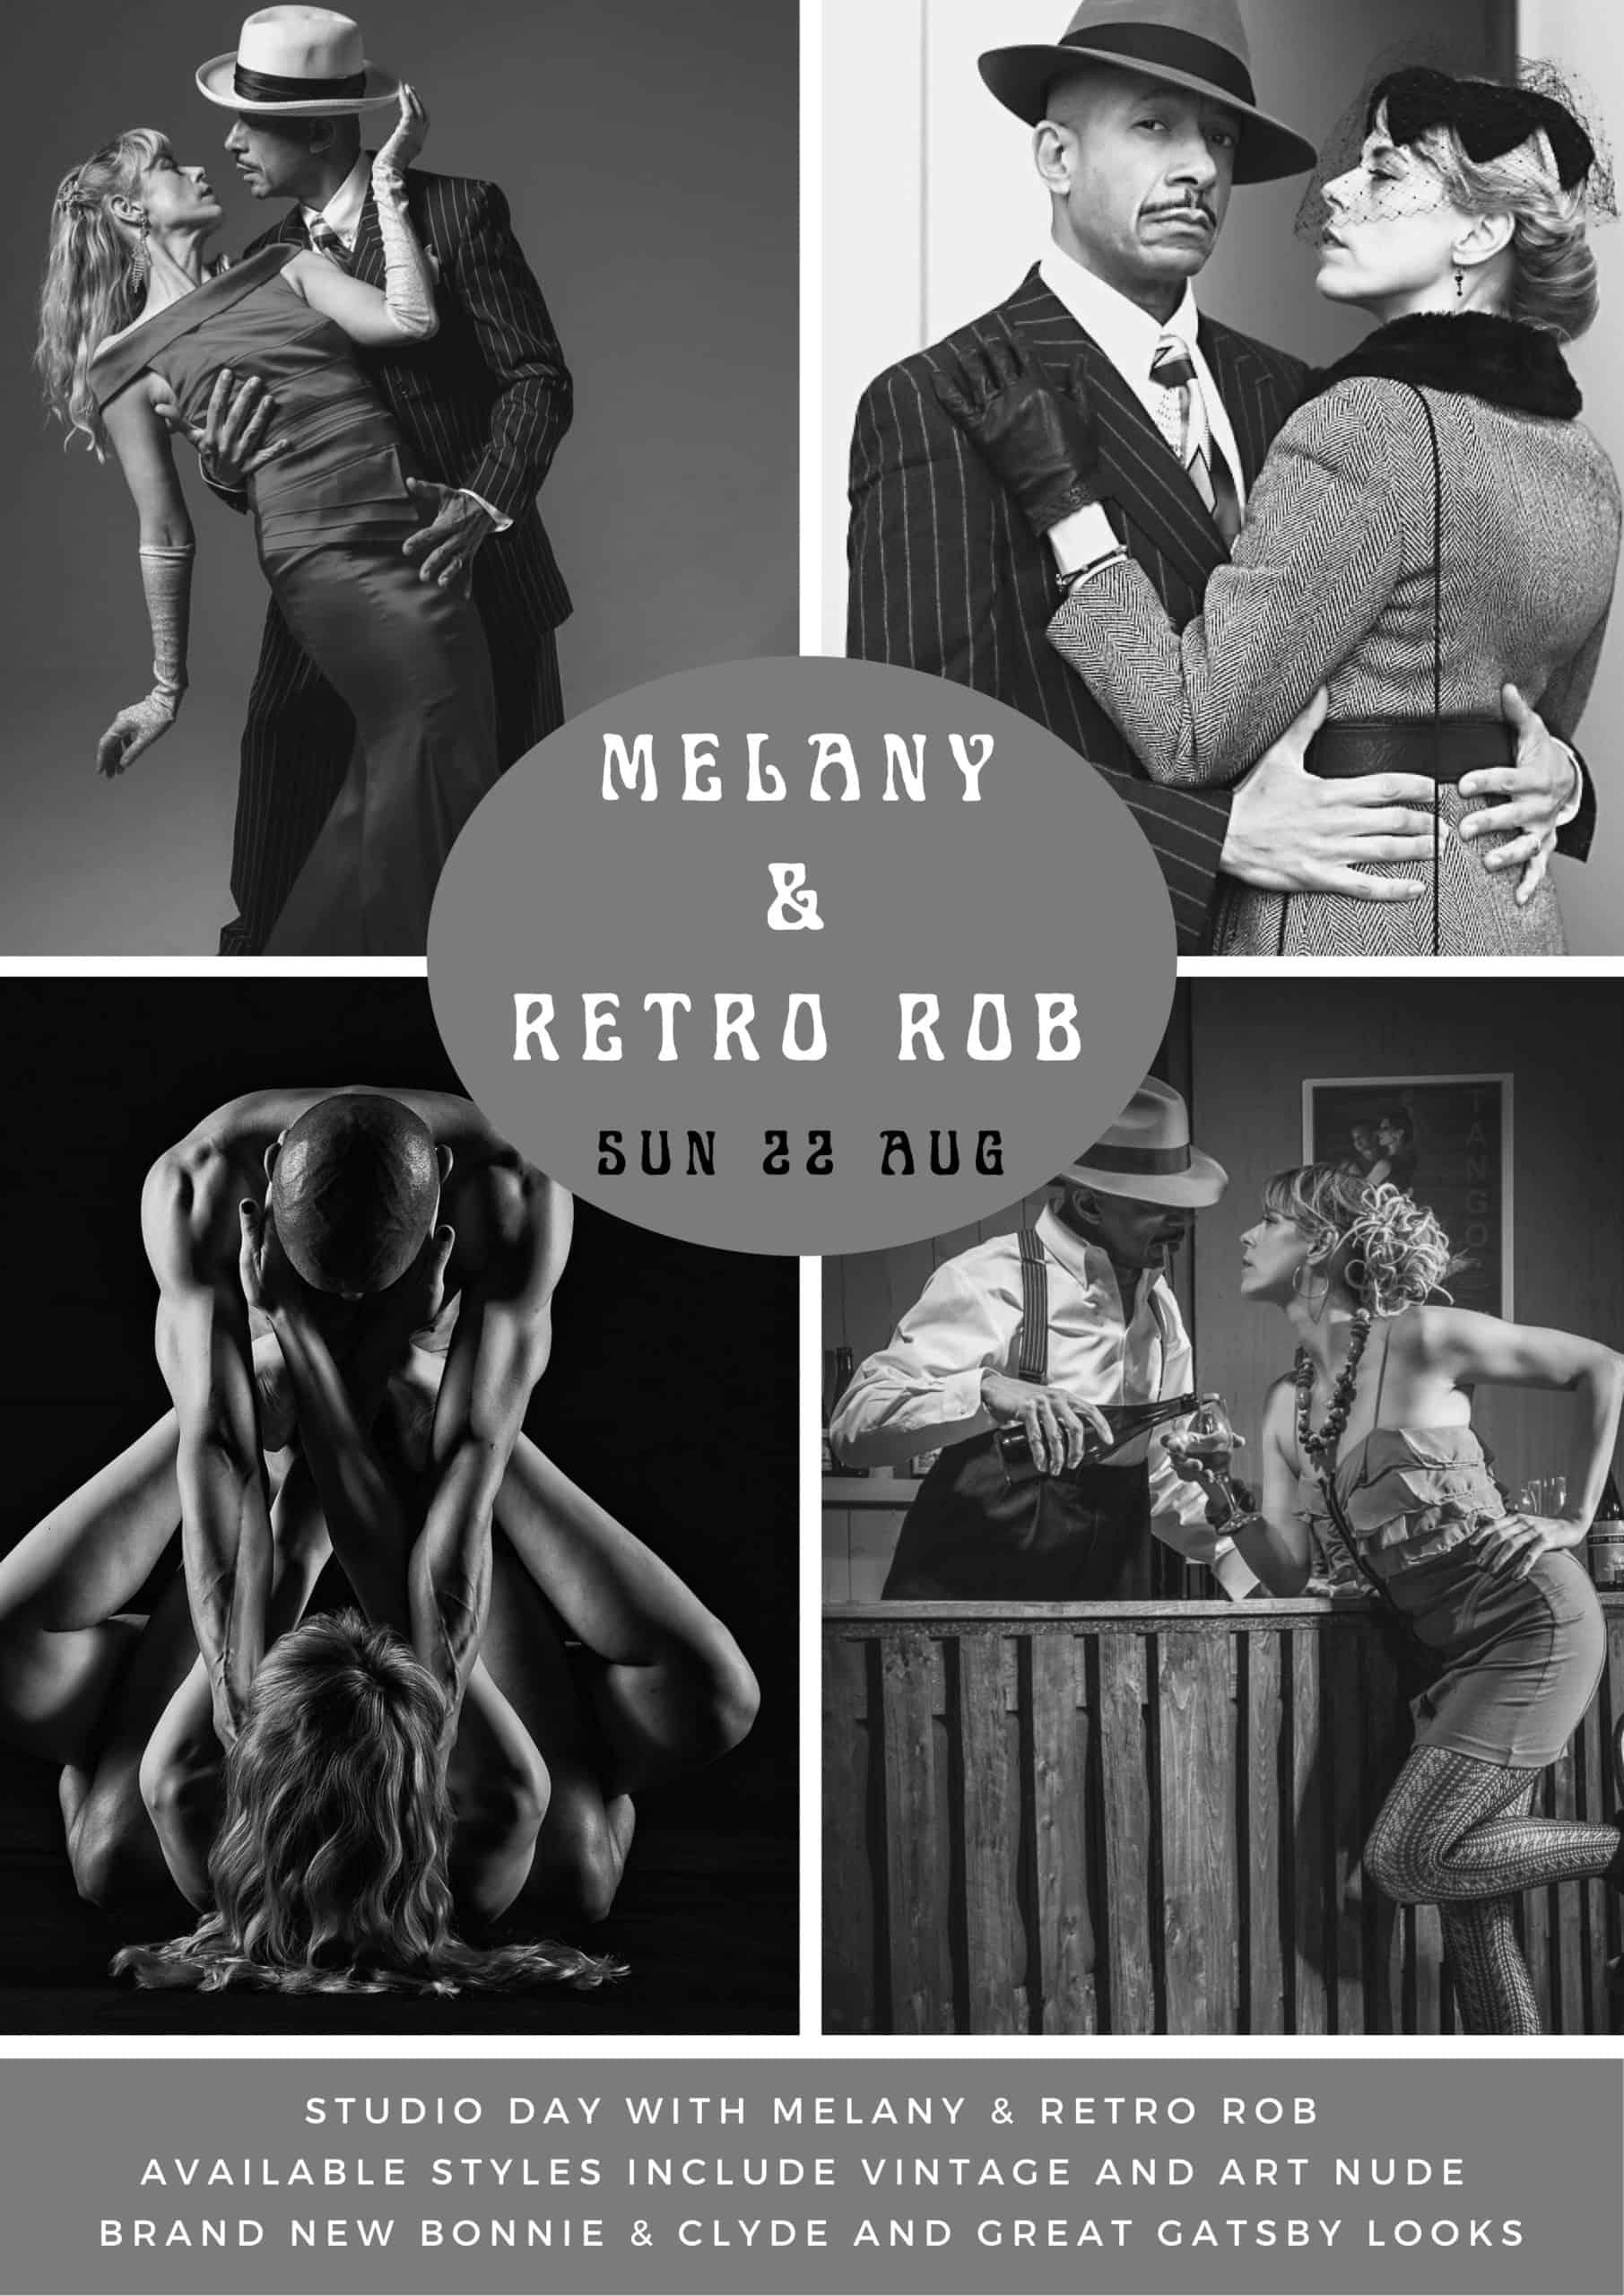 Vintage Retro Studio shoot